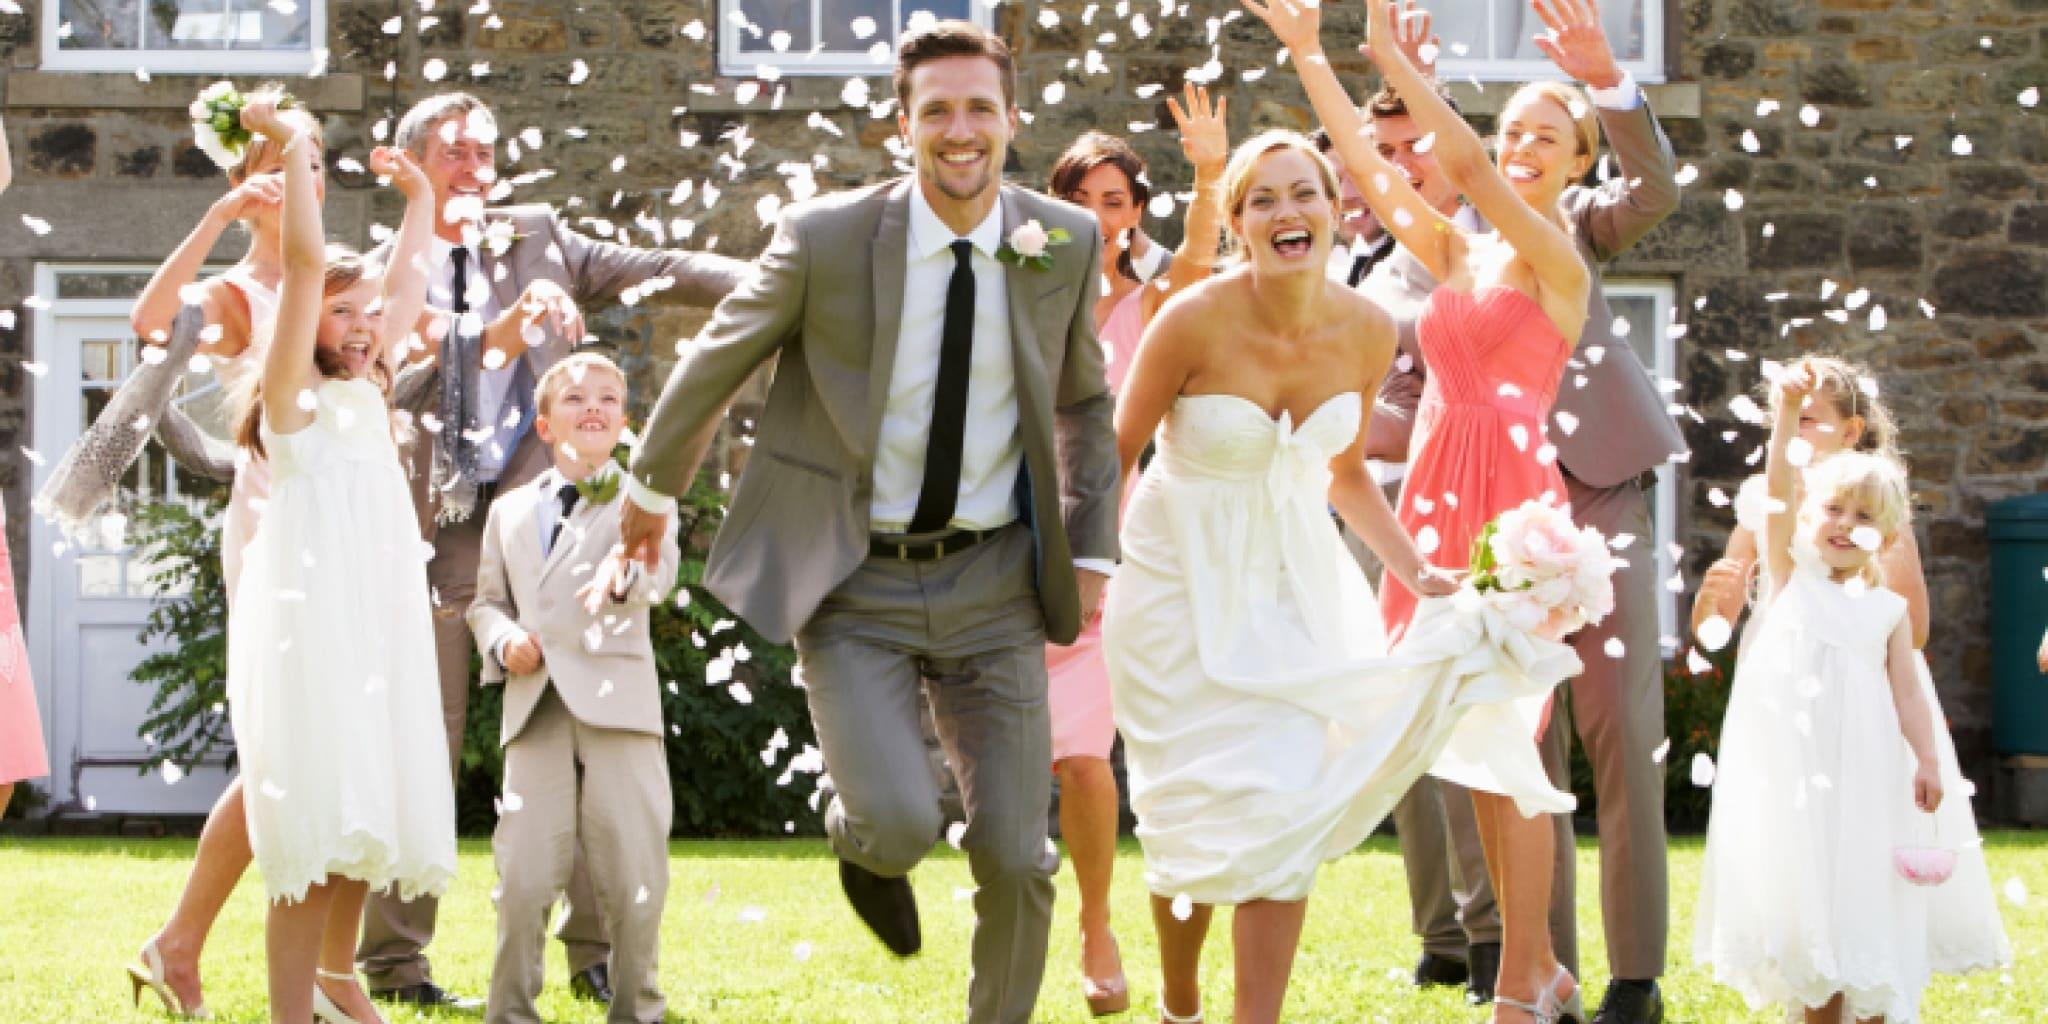 5 choses a mettre au clair avec sa famille pour eviter les disputes pendant l'organisation du mariage